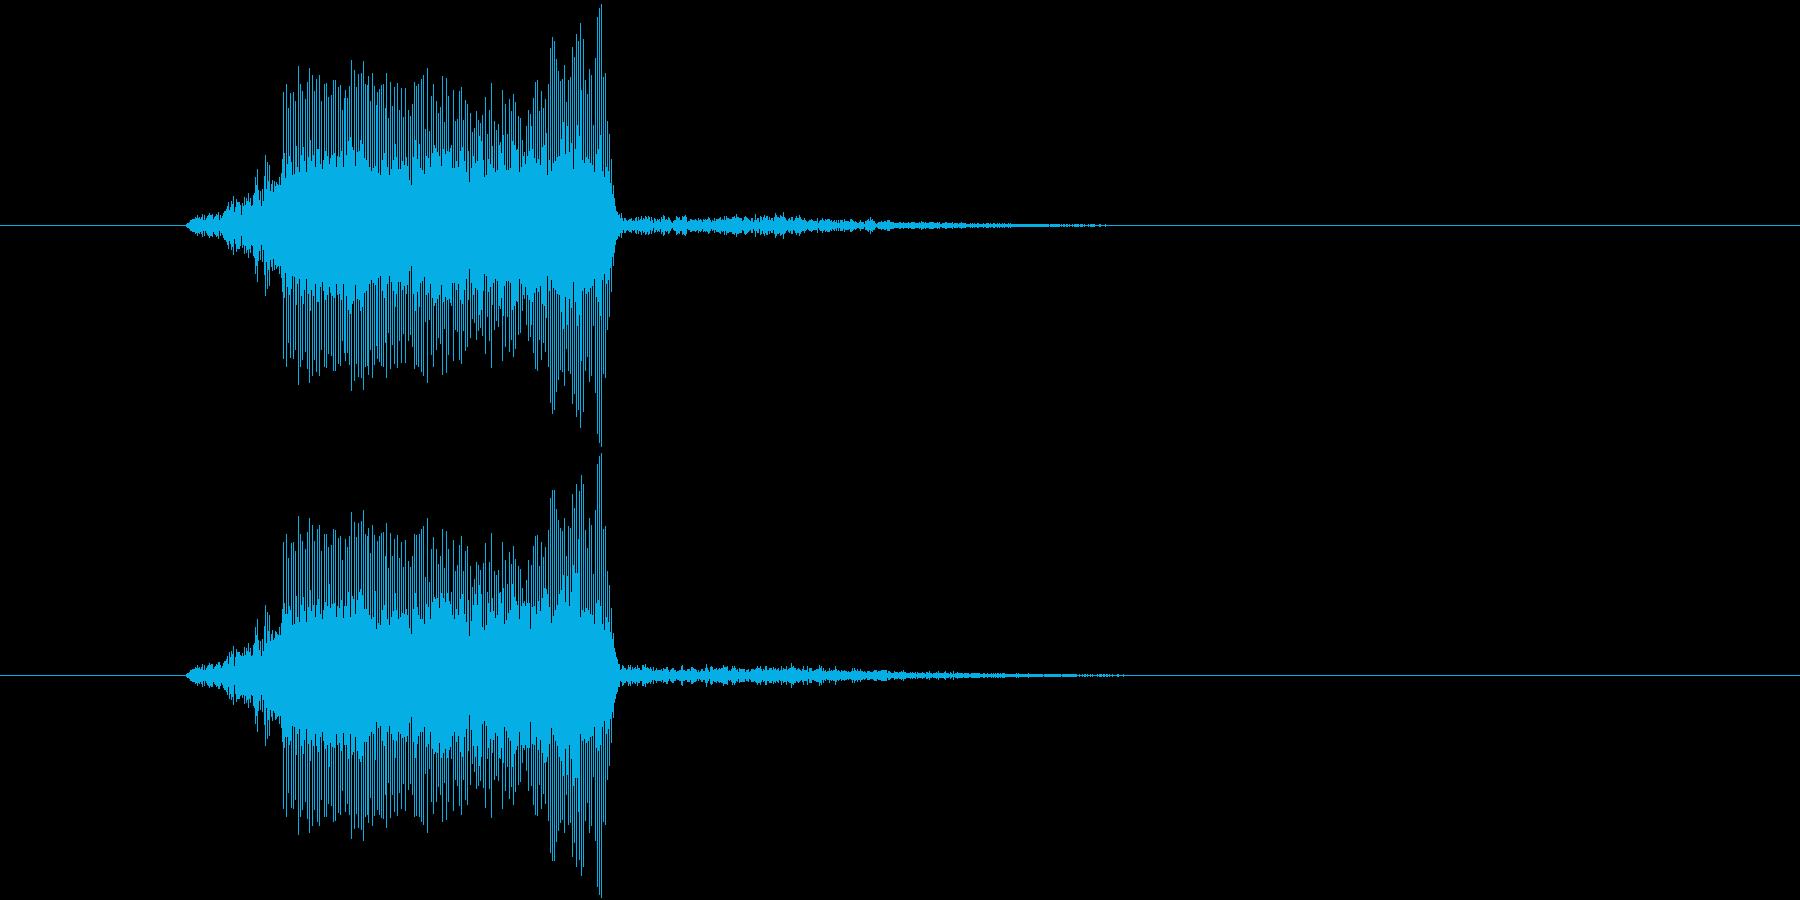 キュッっとハムスターの鳴き声みたいな音の再生済みの波形